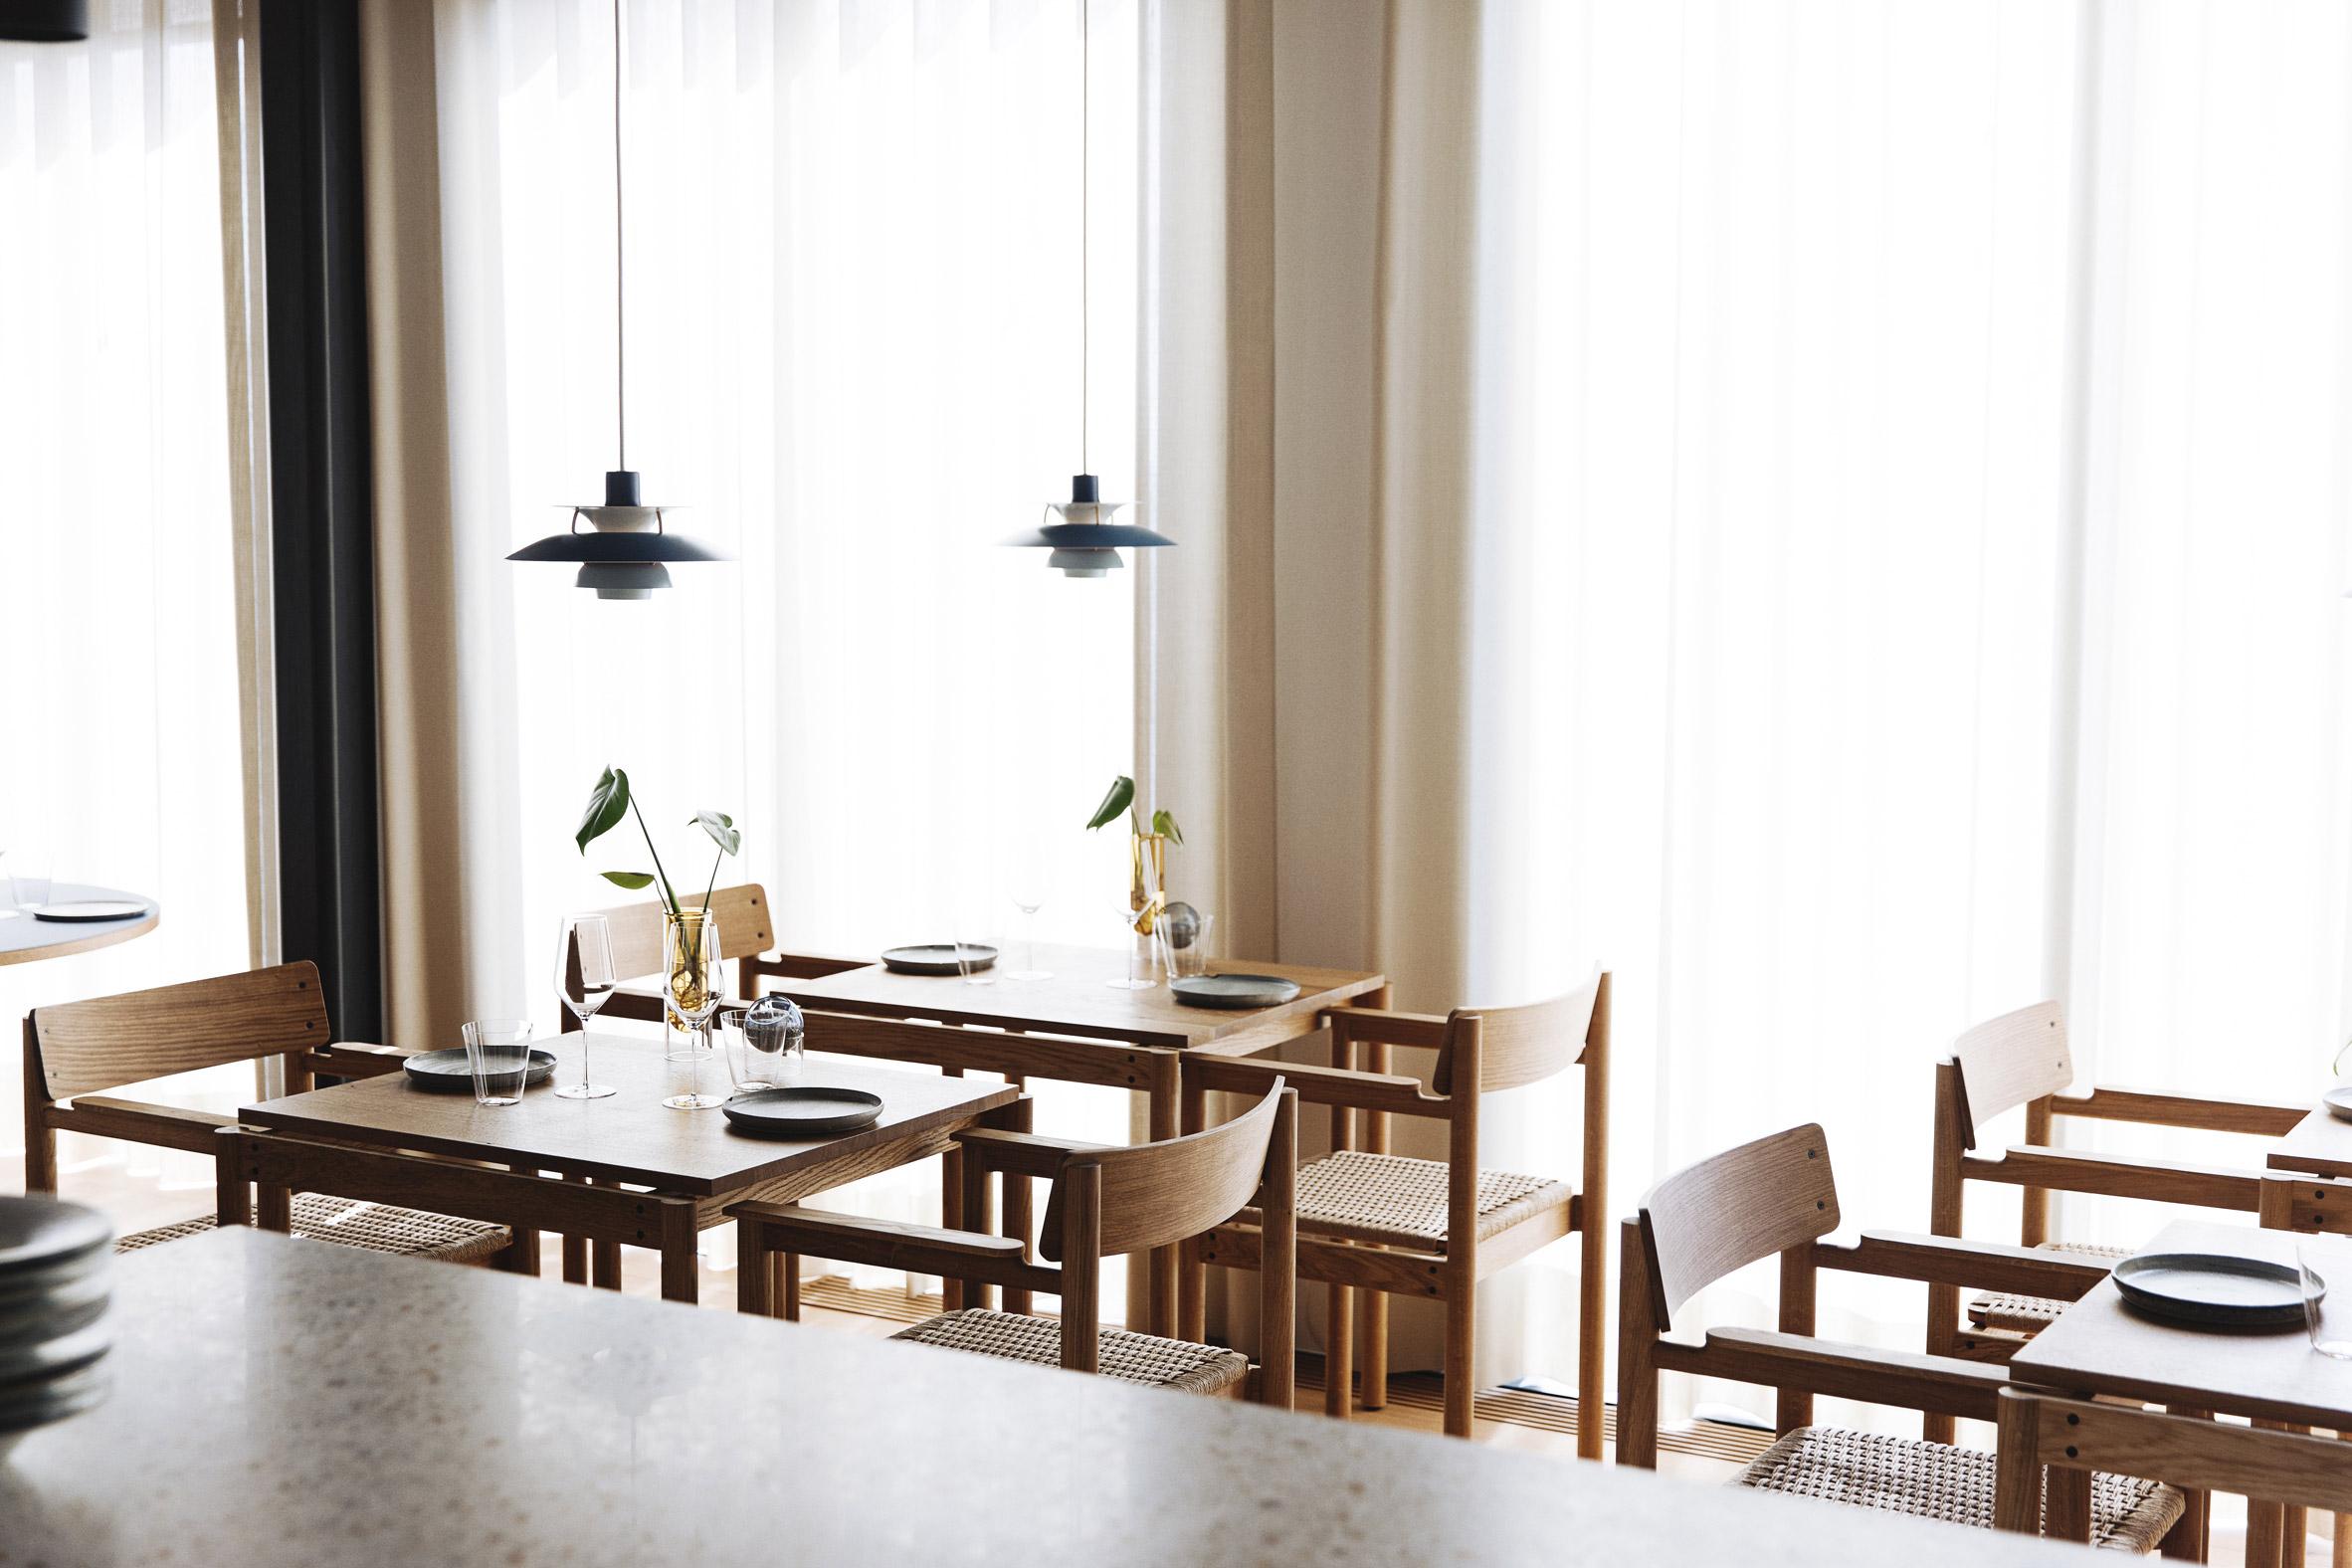 Window in Substans restaurant in Aarhus by Krøyer & Gatten